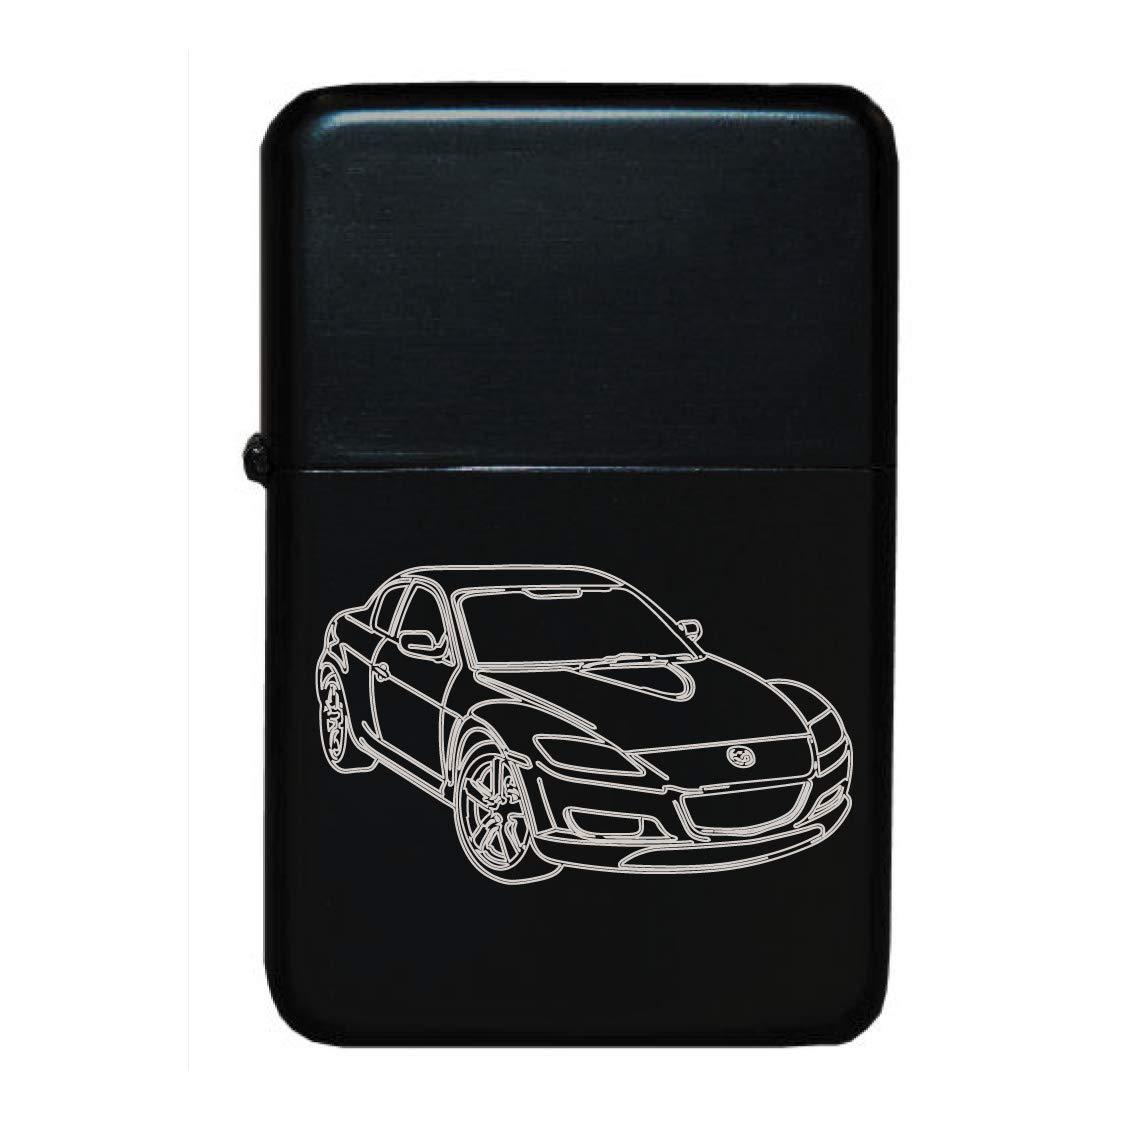 notts laser Star Lighter Mazda RX8